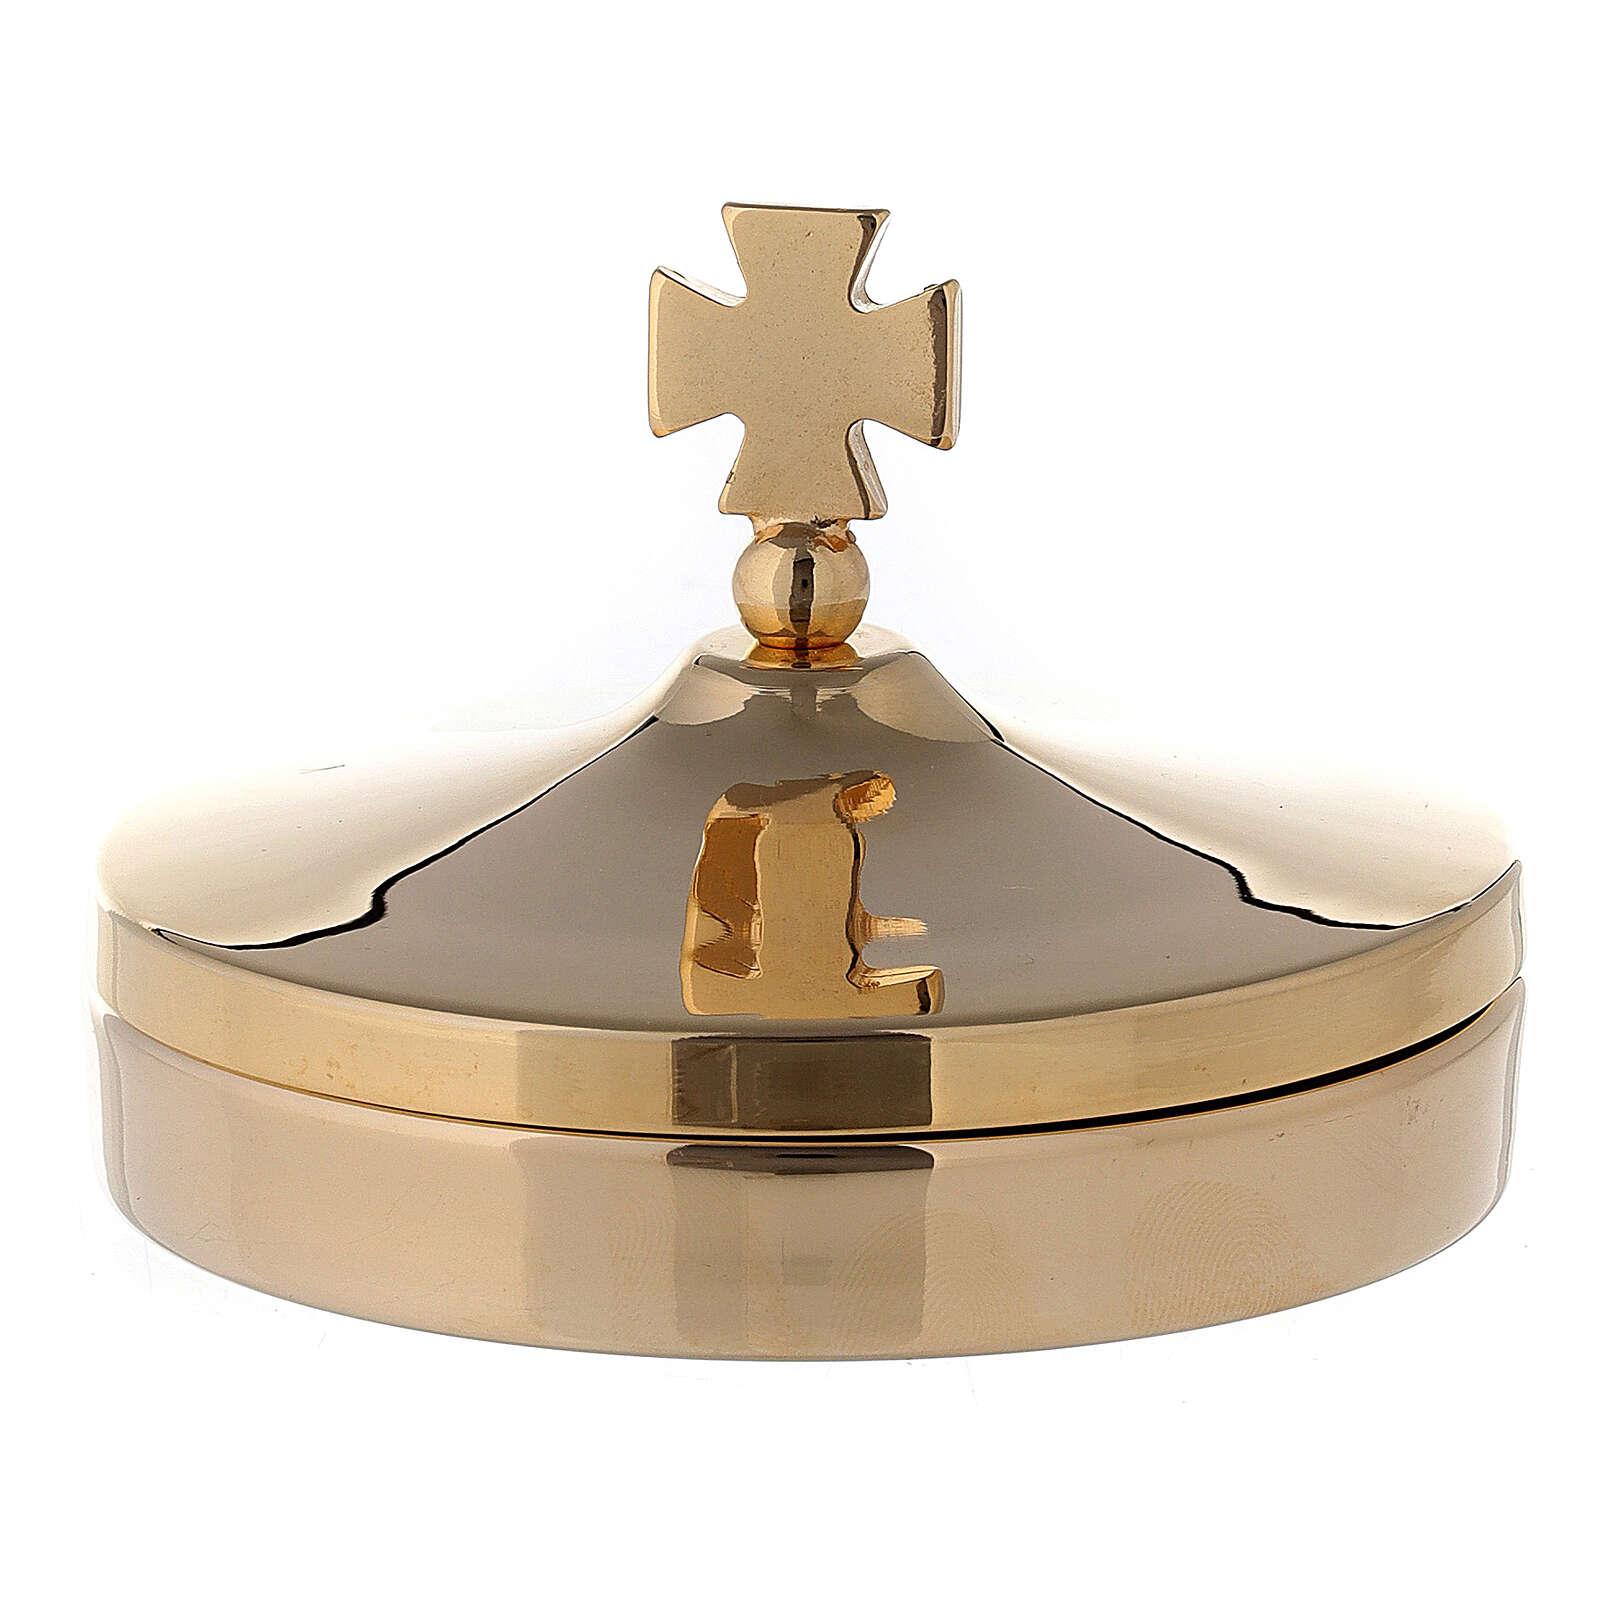 Caja para hostias diám 8 cm de latón dorado lúcido 24k 3